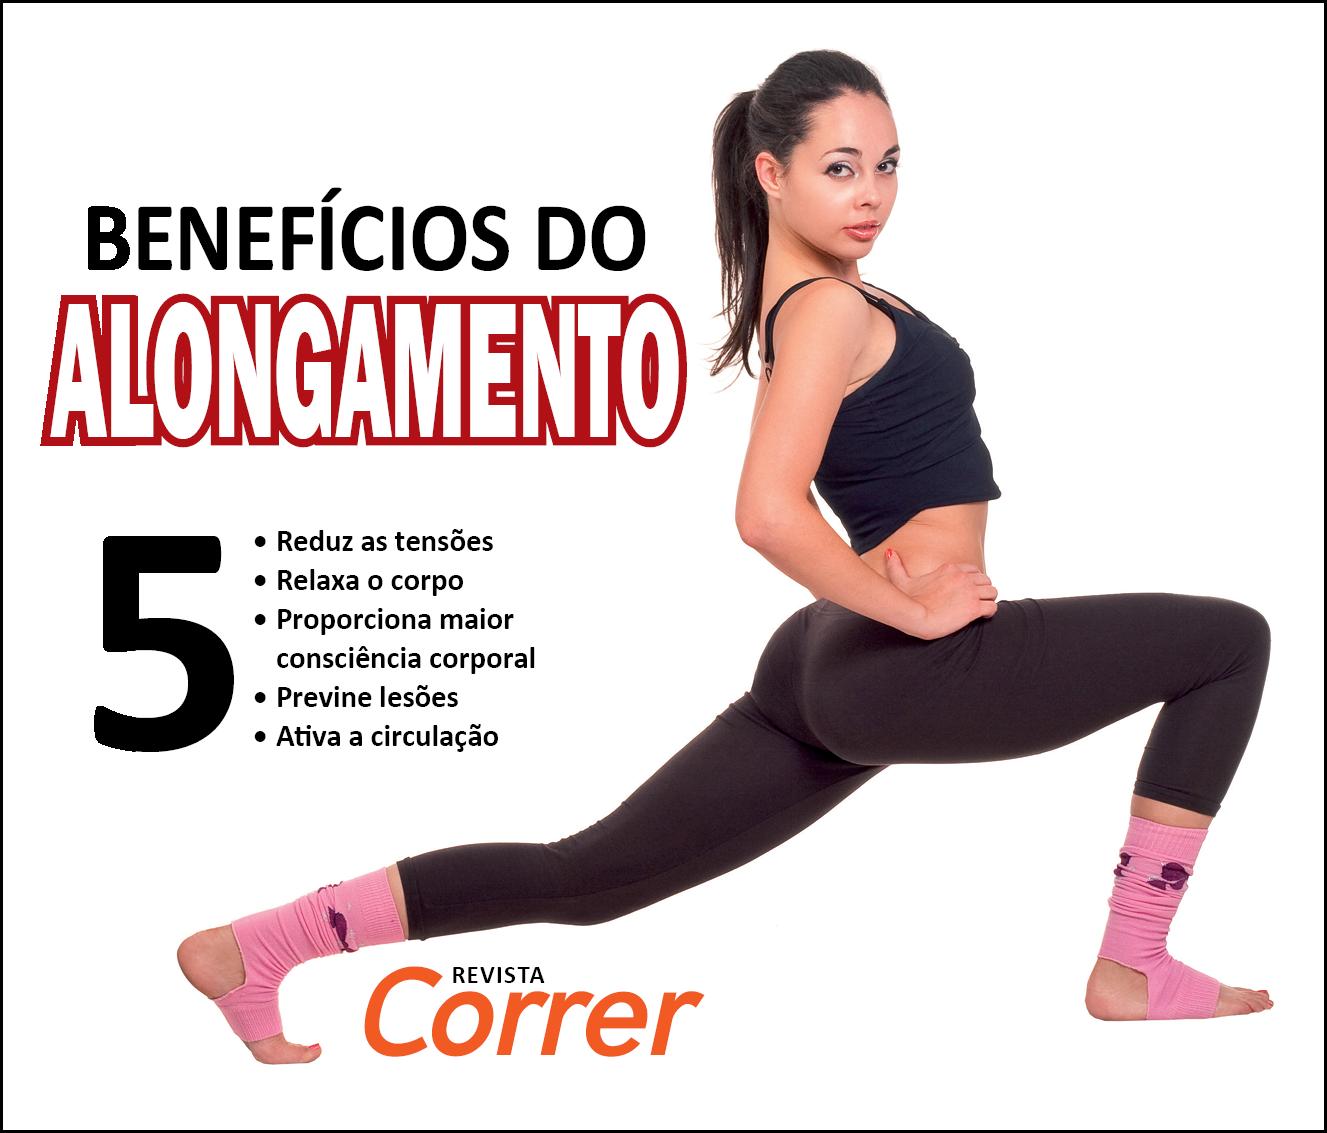 Revista Correr - Alongamento Corrida Facebook